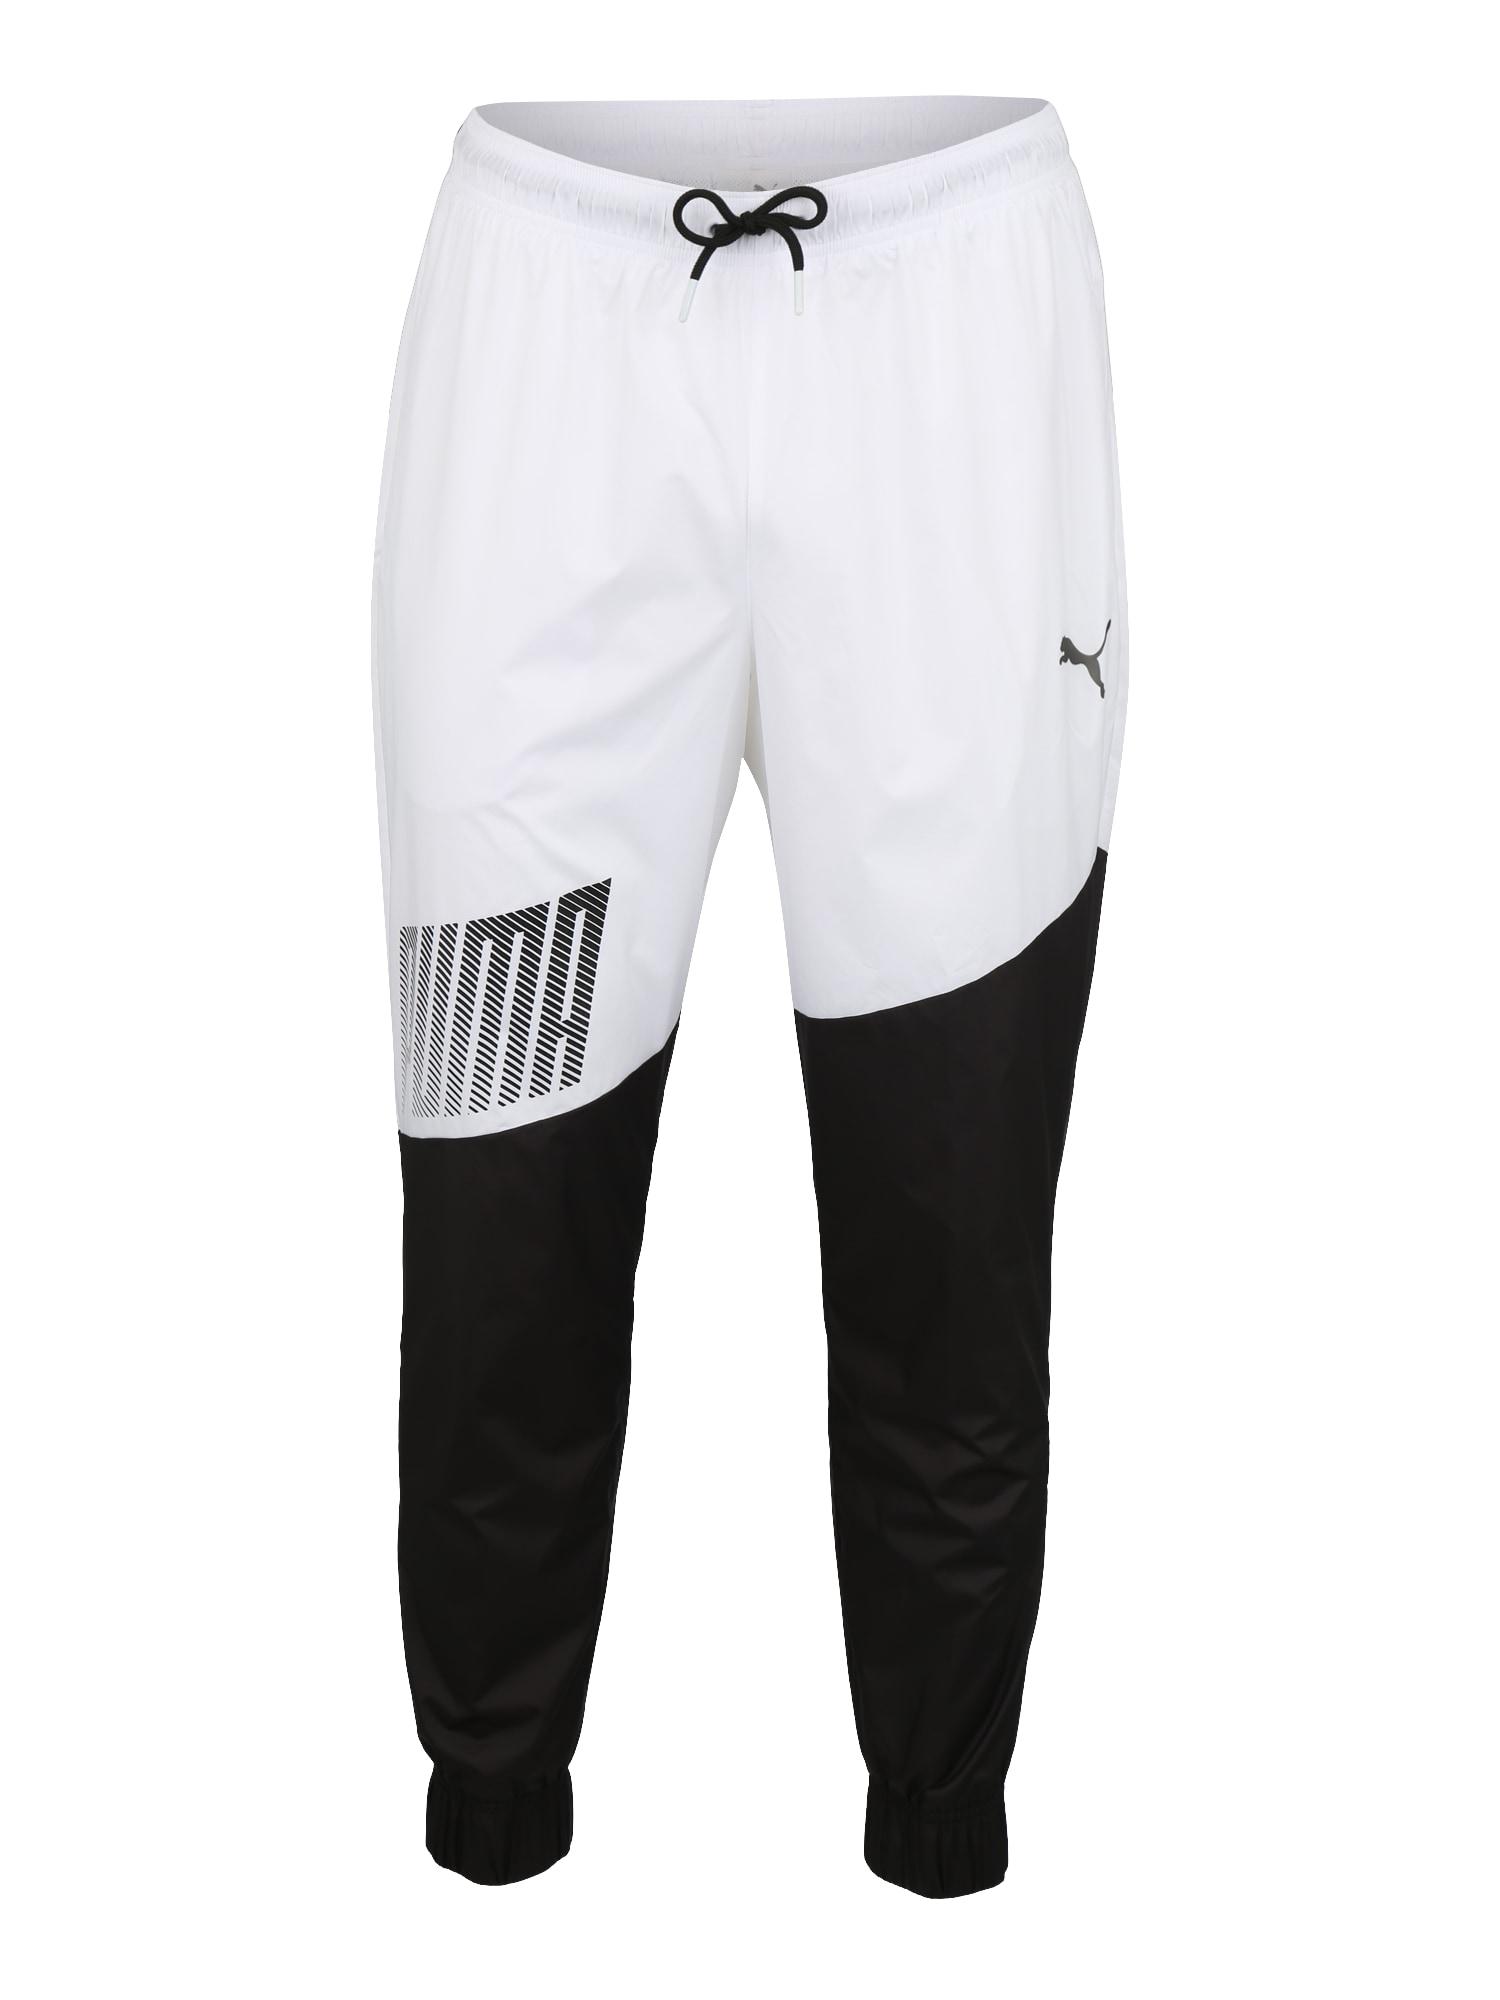 Sportovní kalhoty A.C.E. Trackster černá bílá PUMA